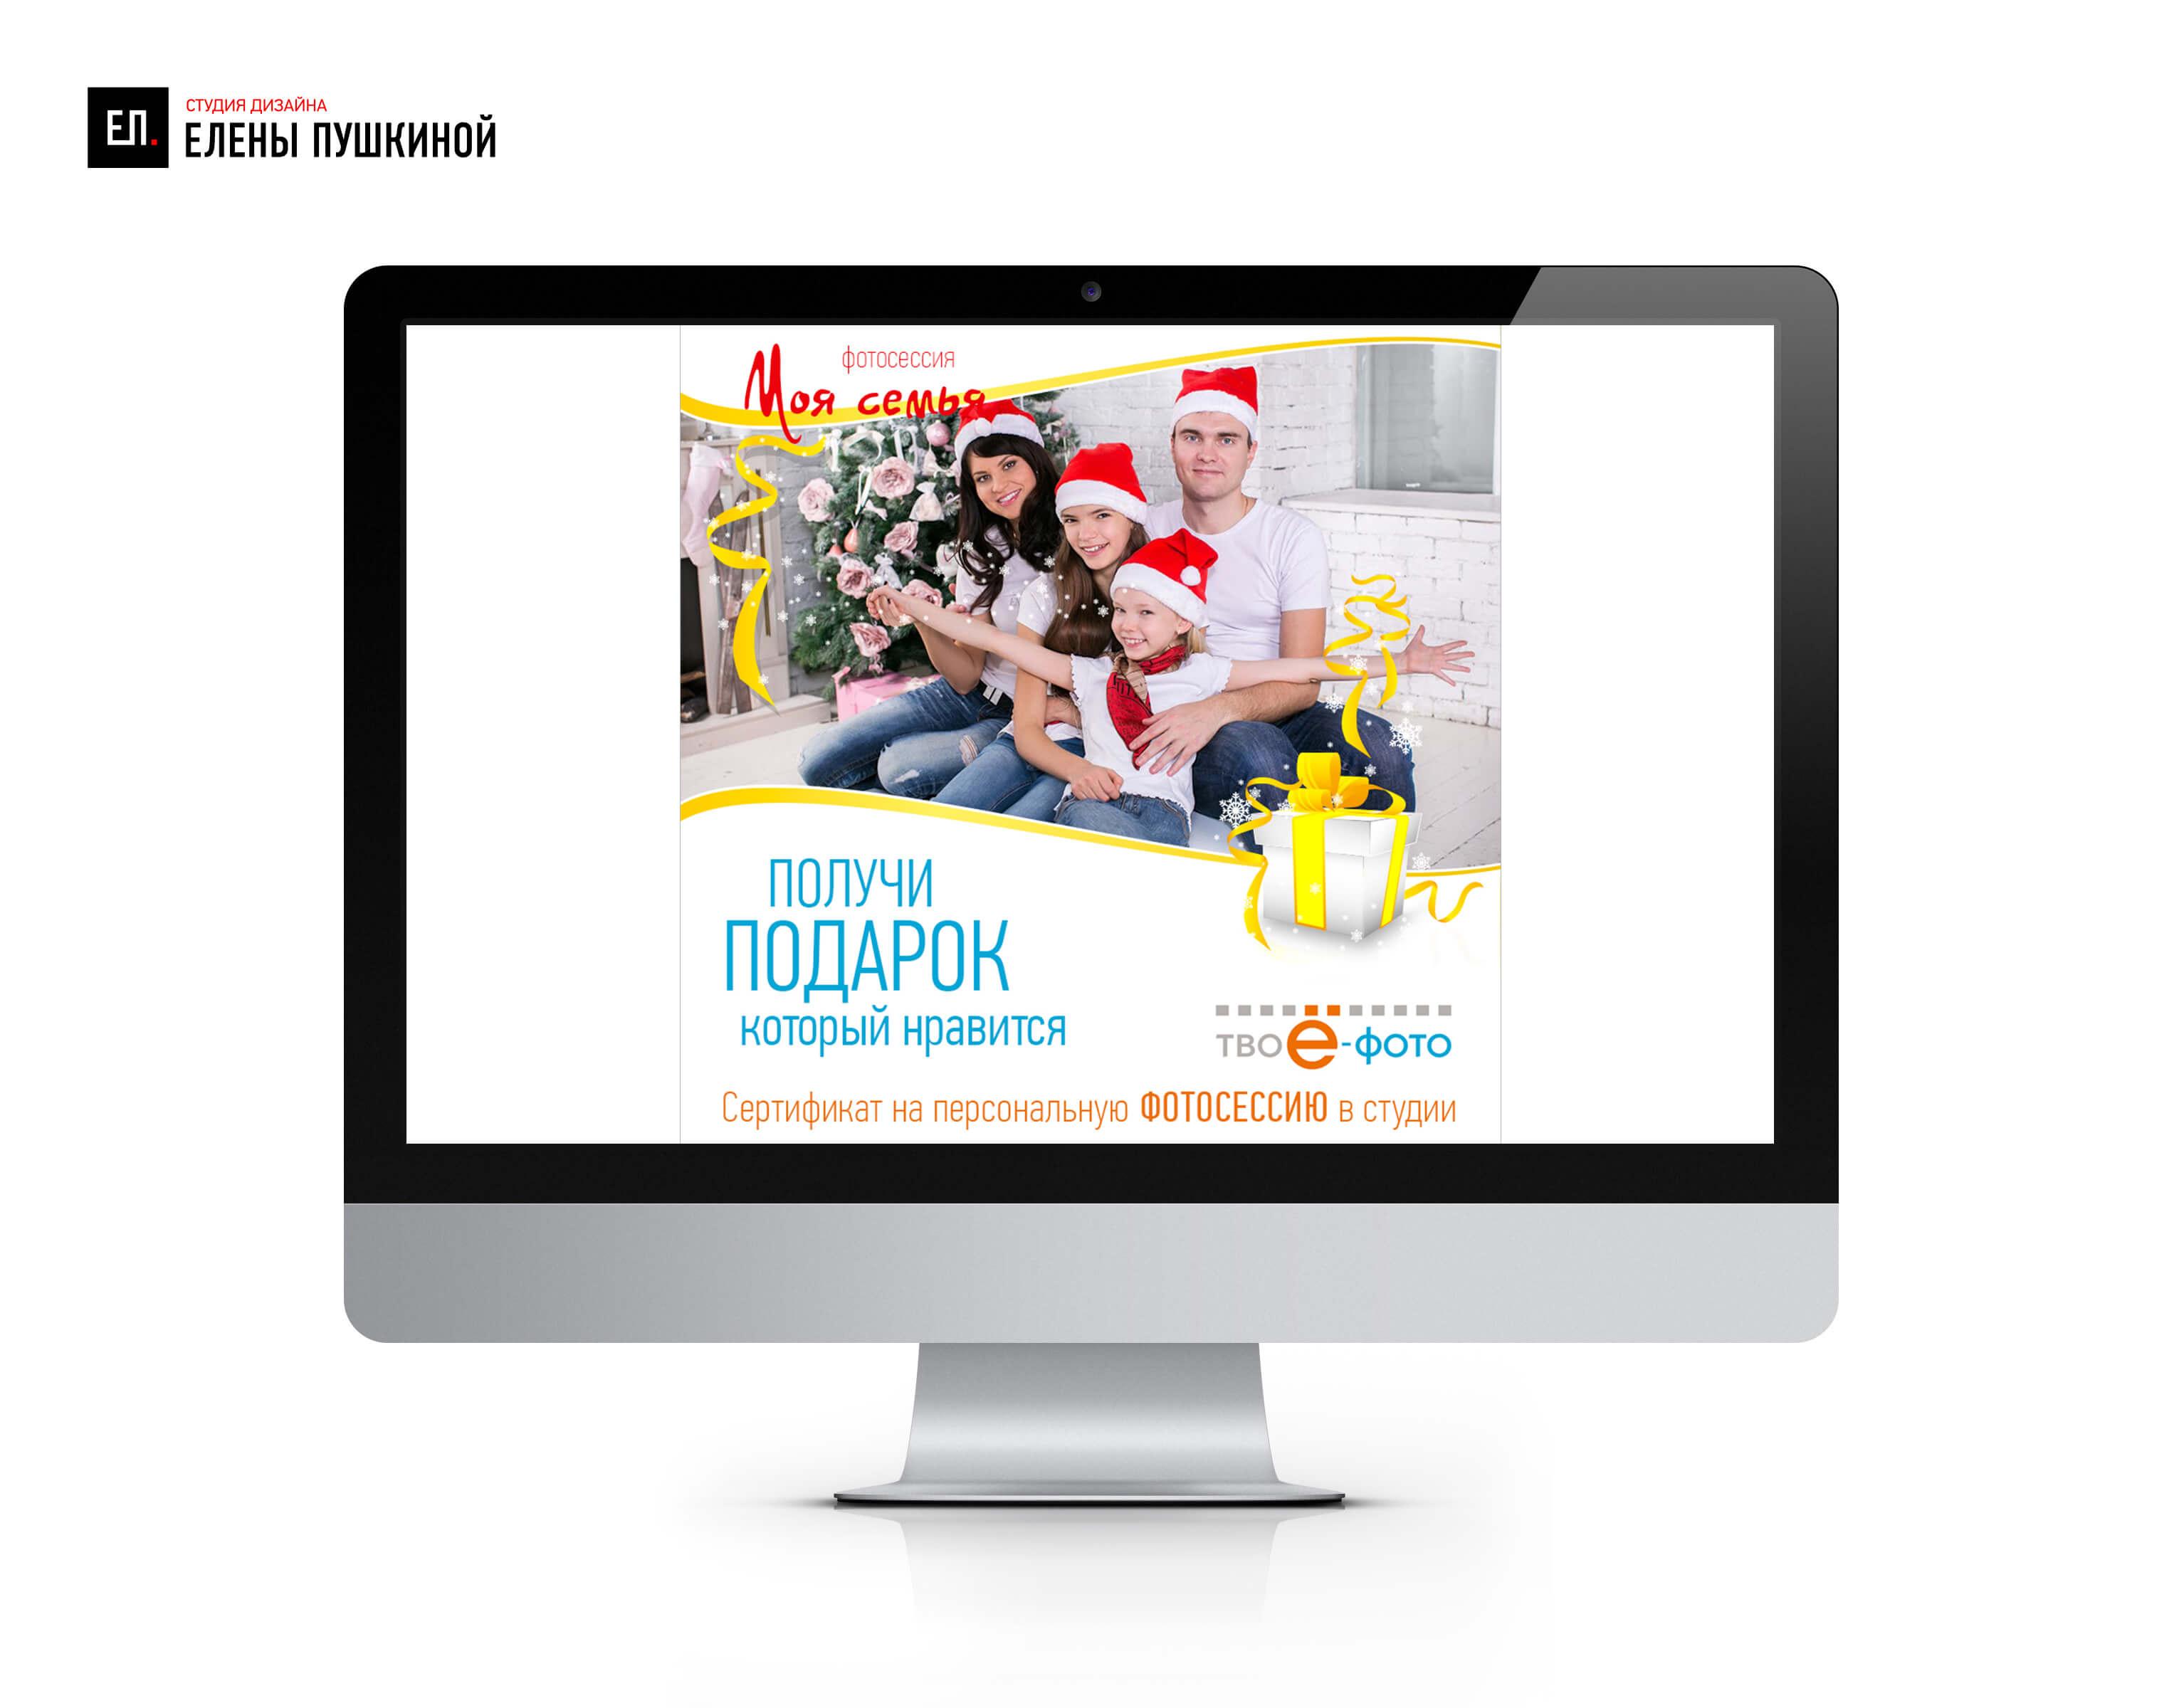 Веб-баннер №2 для сети профессиональных фотостудий «Ё-Фото» — разработка дизайна баннера Баннеры для сайта Портфолио